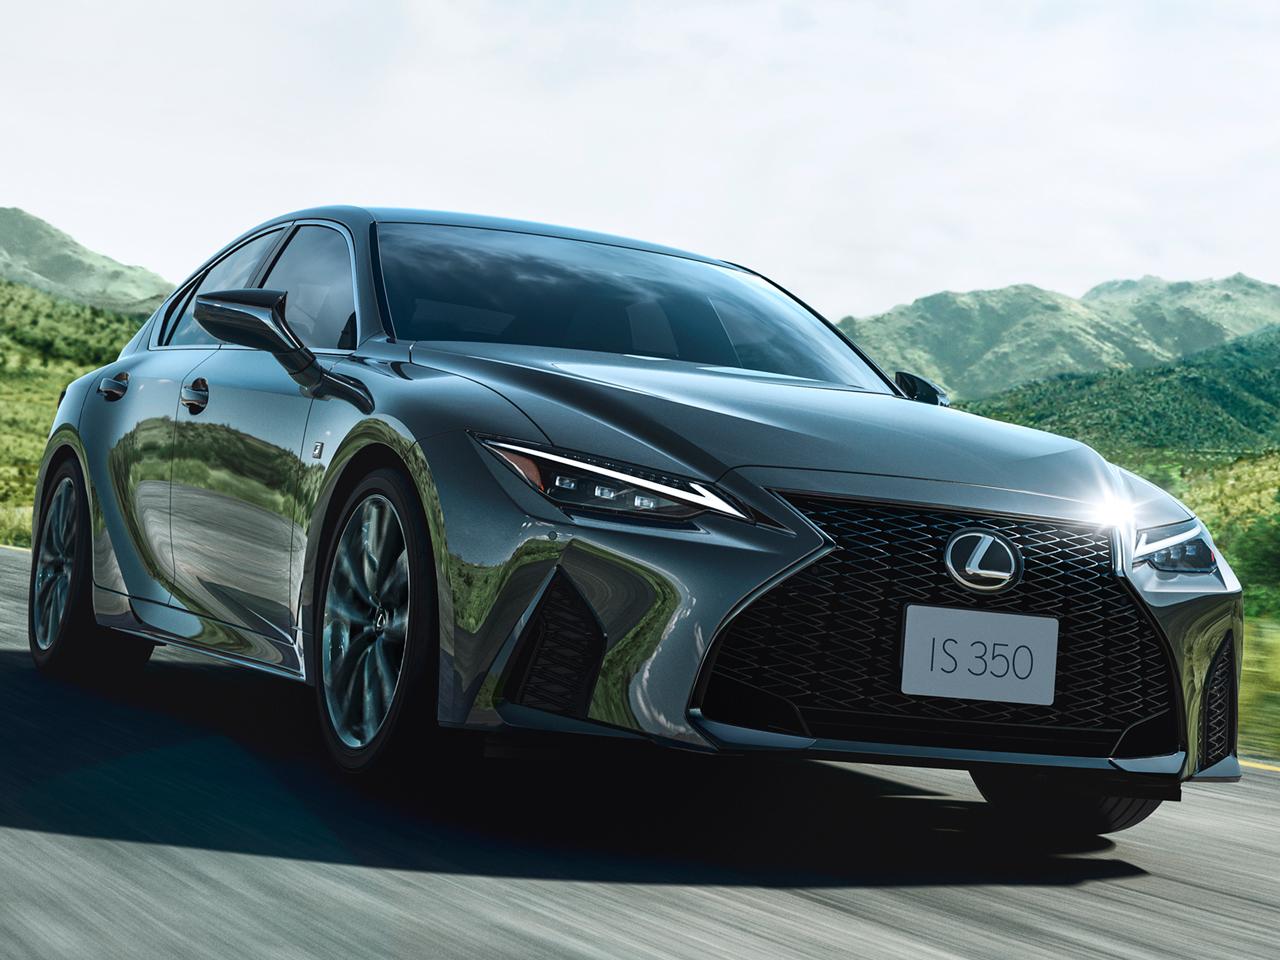 レクサス IS 2013年モデル 新車画像